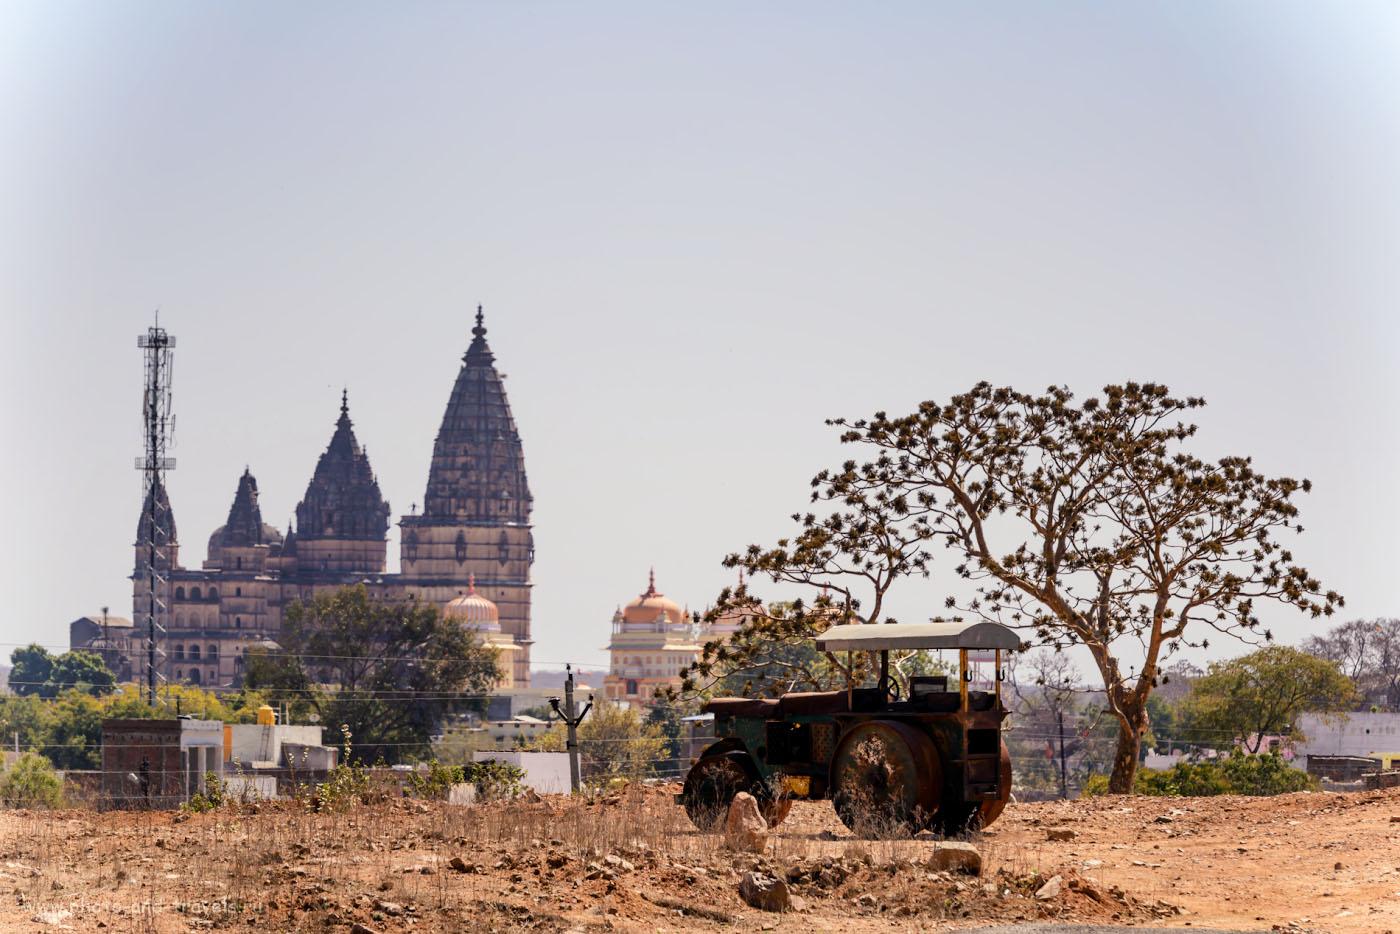 Фото 21. Вид на храм Чатурбхудж Мандир в Орчхе со стороны какой-то деревушки в окрестностях города. Снимал на телеобъектив Nikon 70-200mm f/2.8 + экстендер Nikon TC-14E II, поэтому кажется, что совсем близко. 1/500, 8.0, 220, 210.